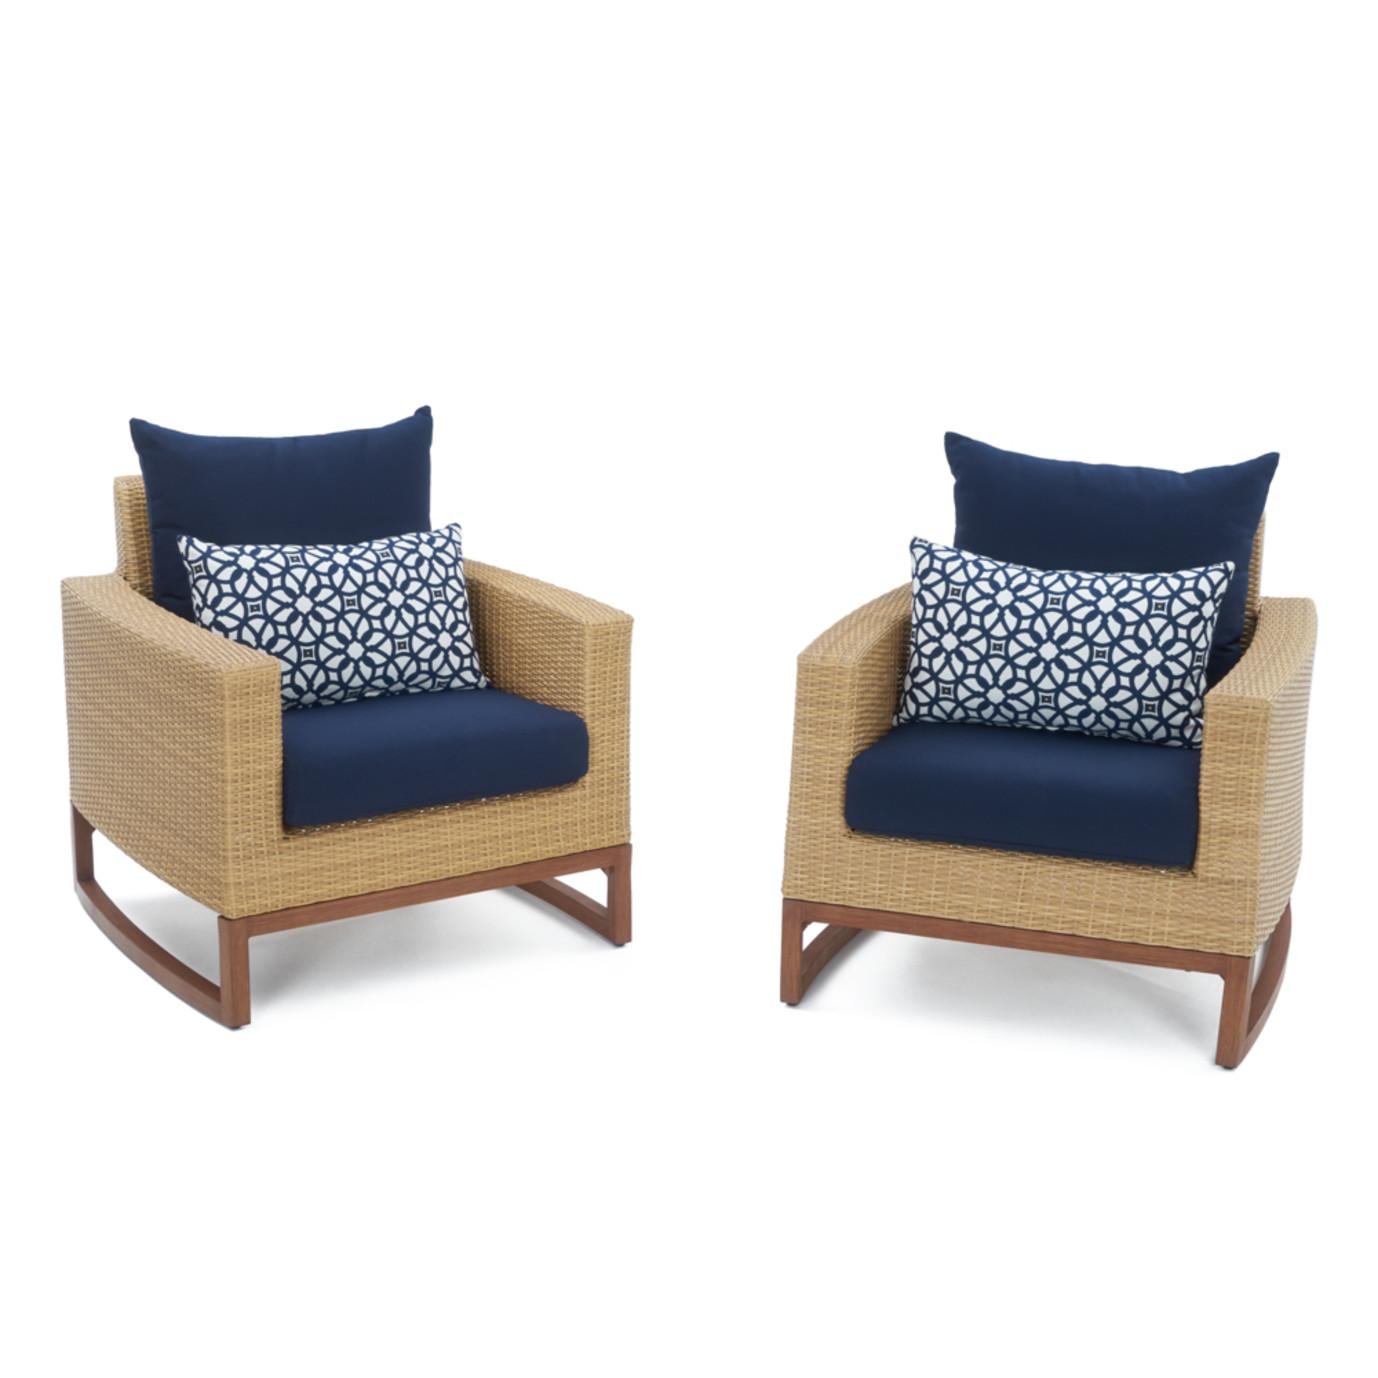 Mili™ 4pc Seating Set - Navy Blue